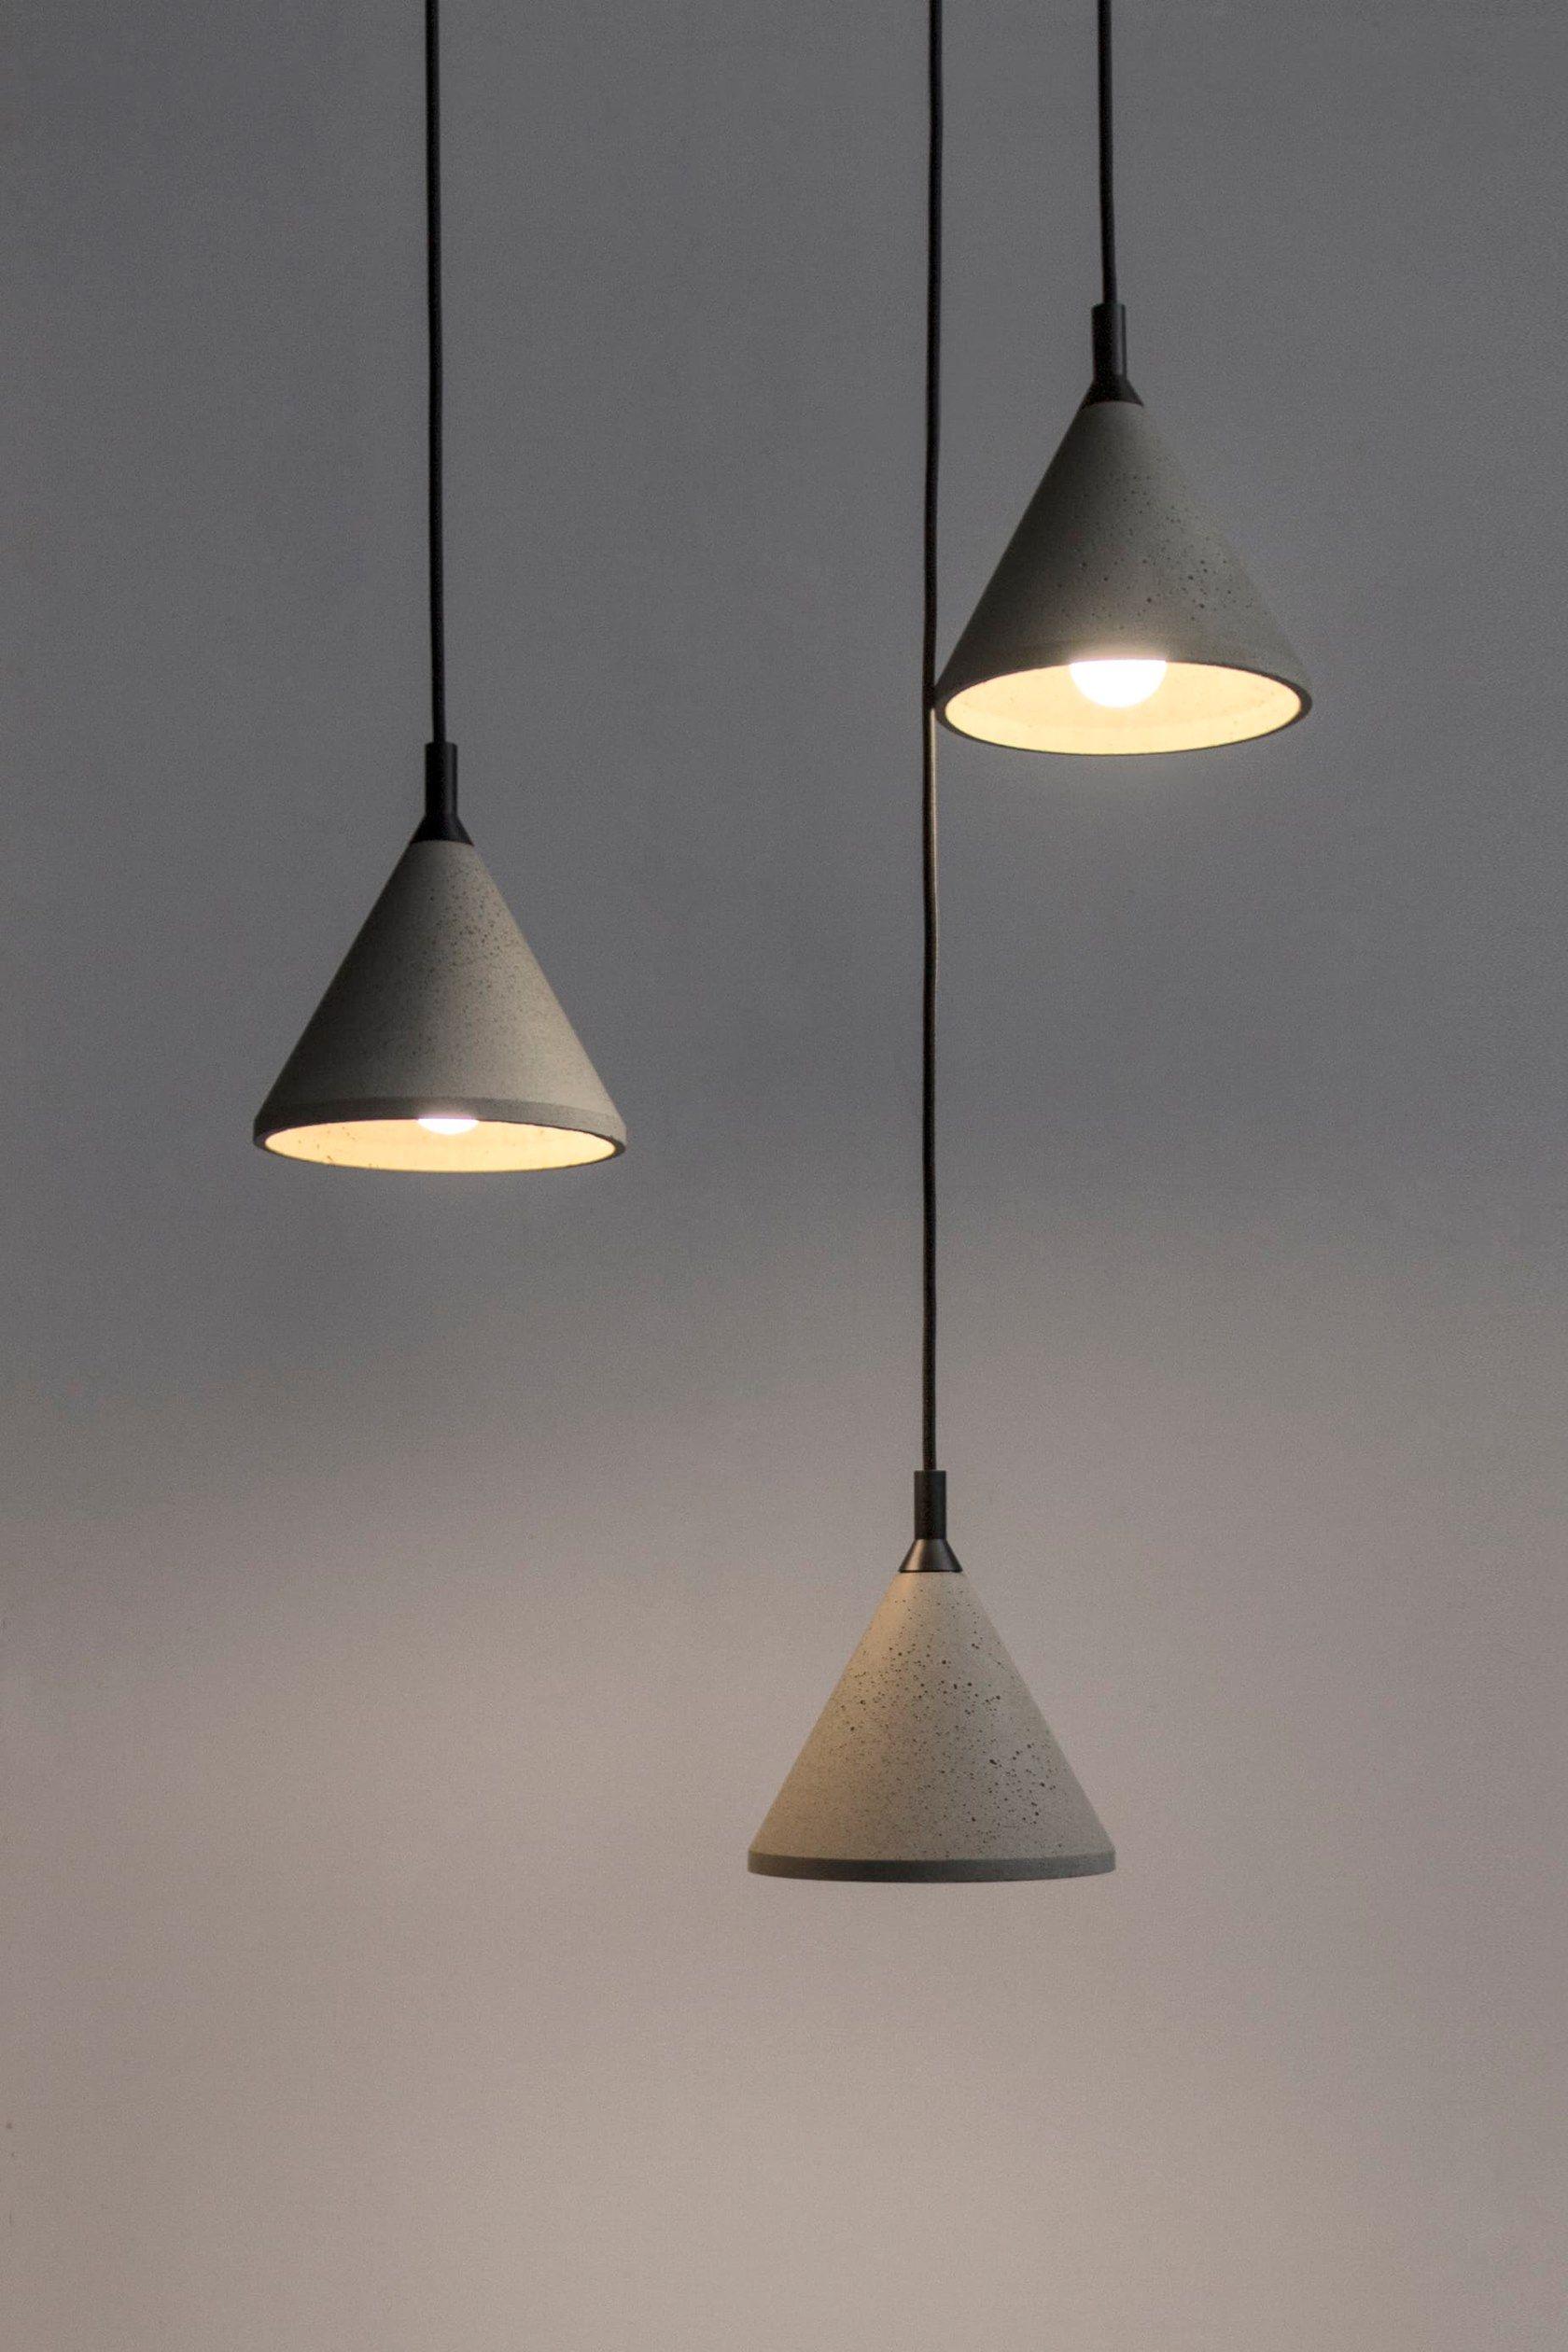 Photo of ZHONG By Bentu Design